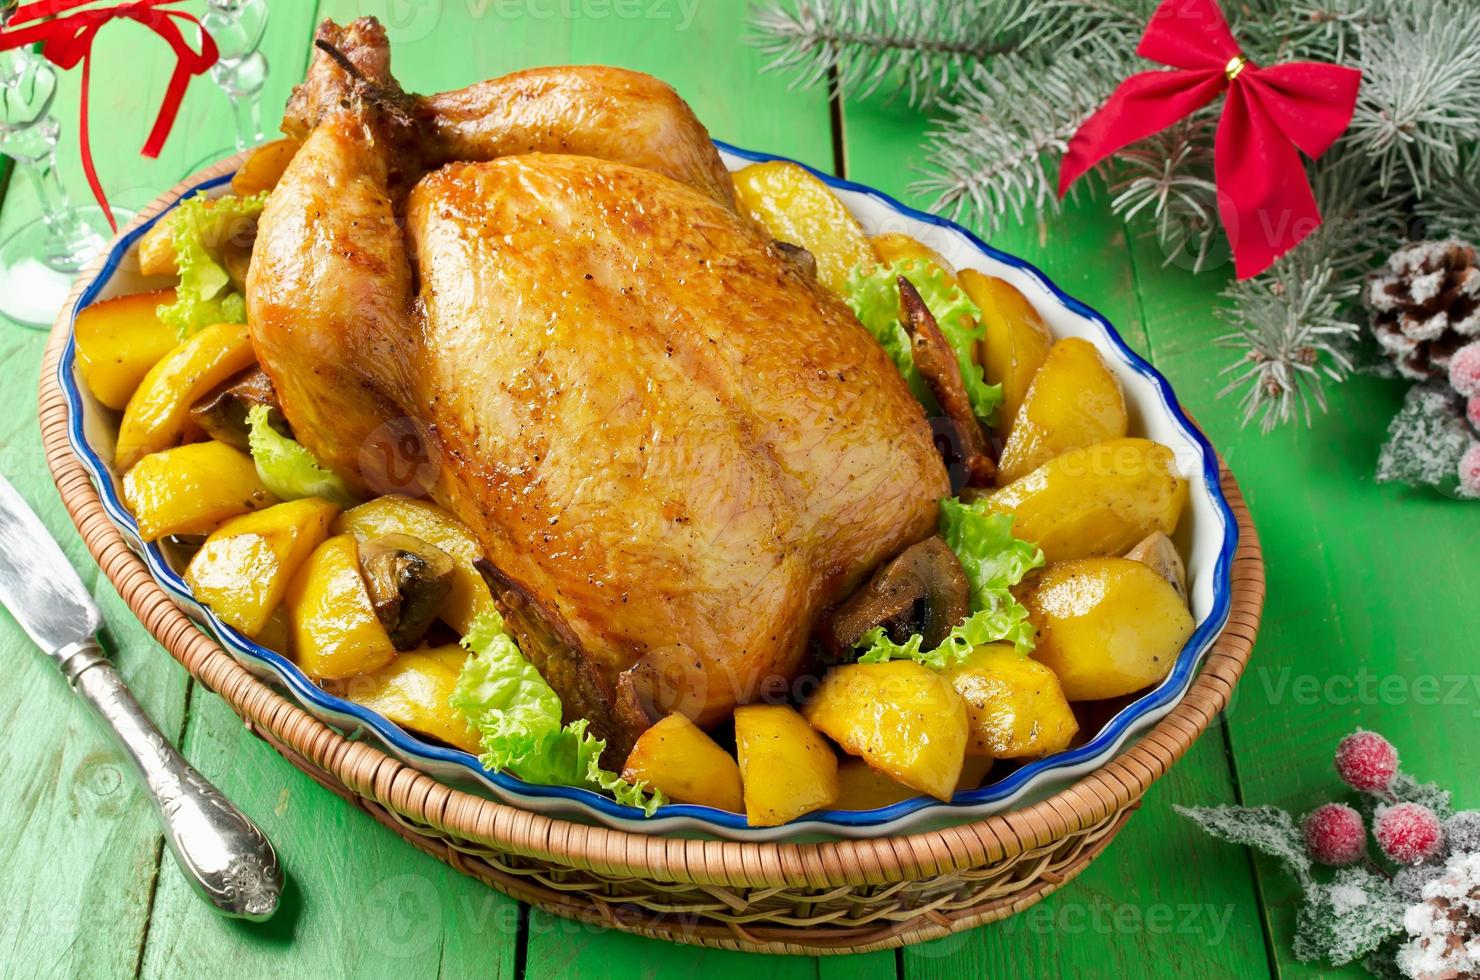 rostad kyckling med potatis och svamp foto